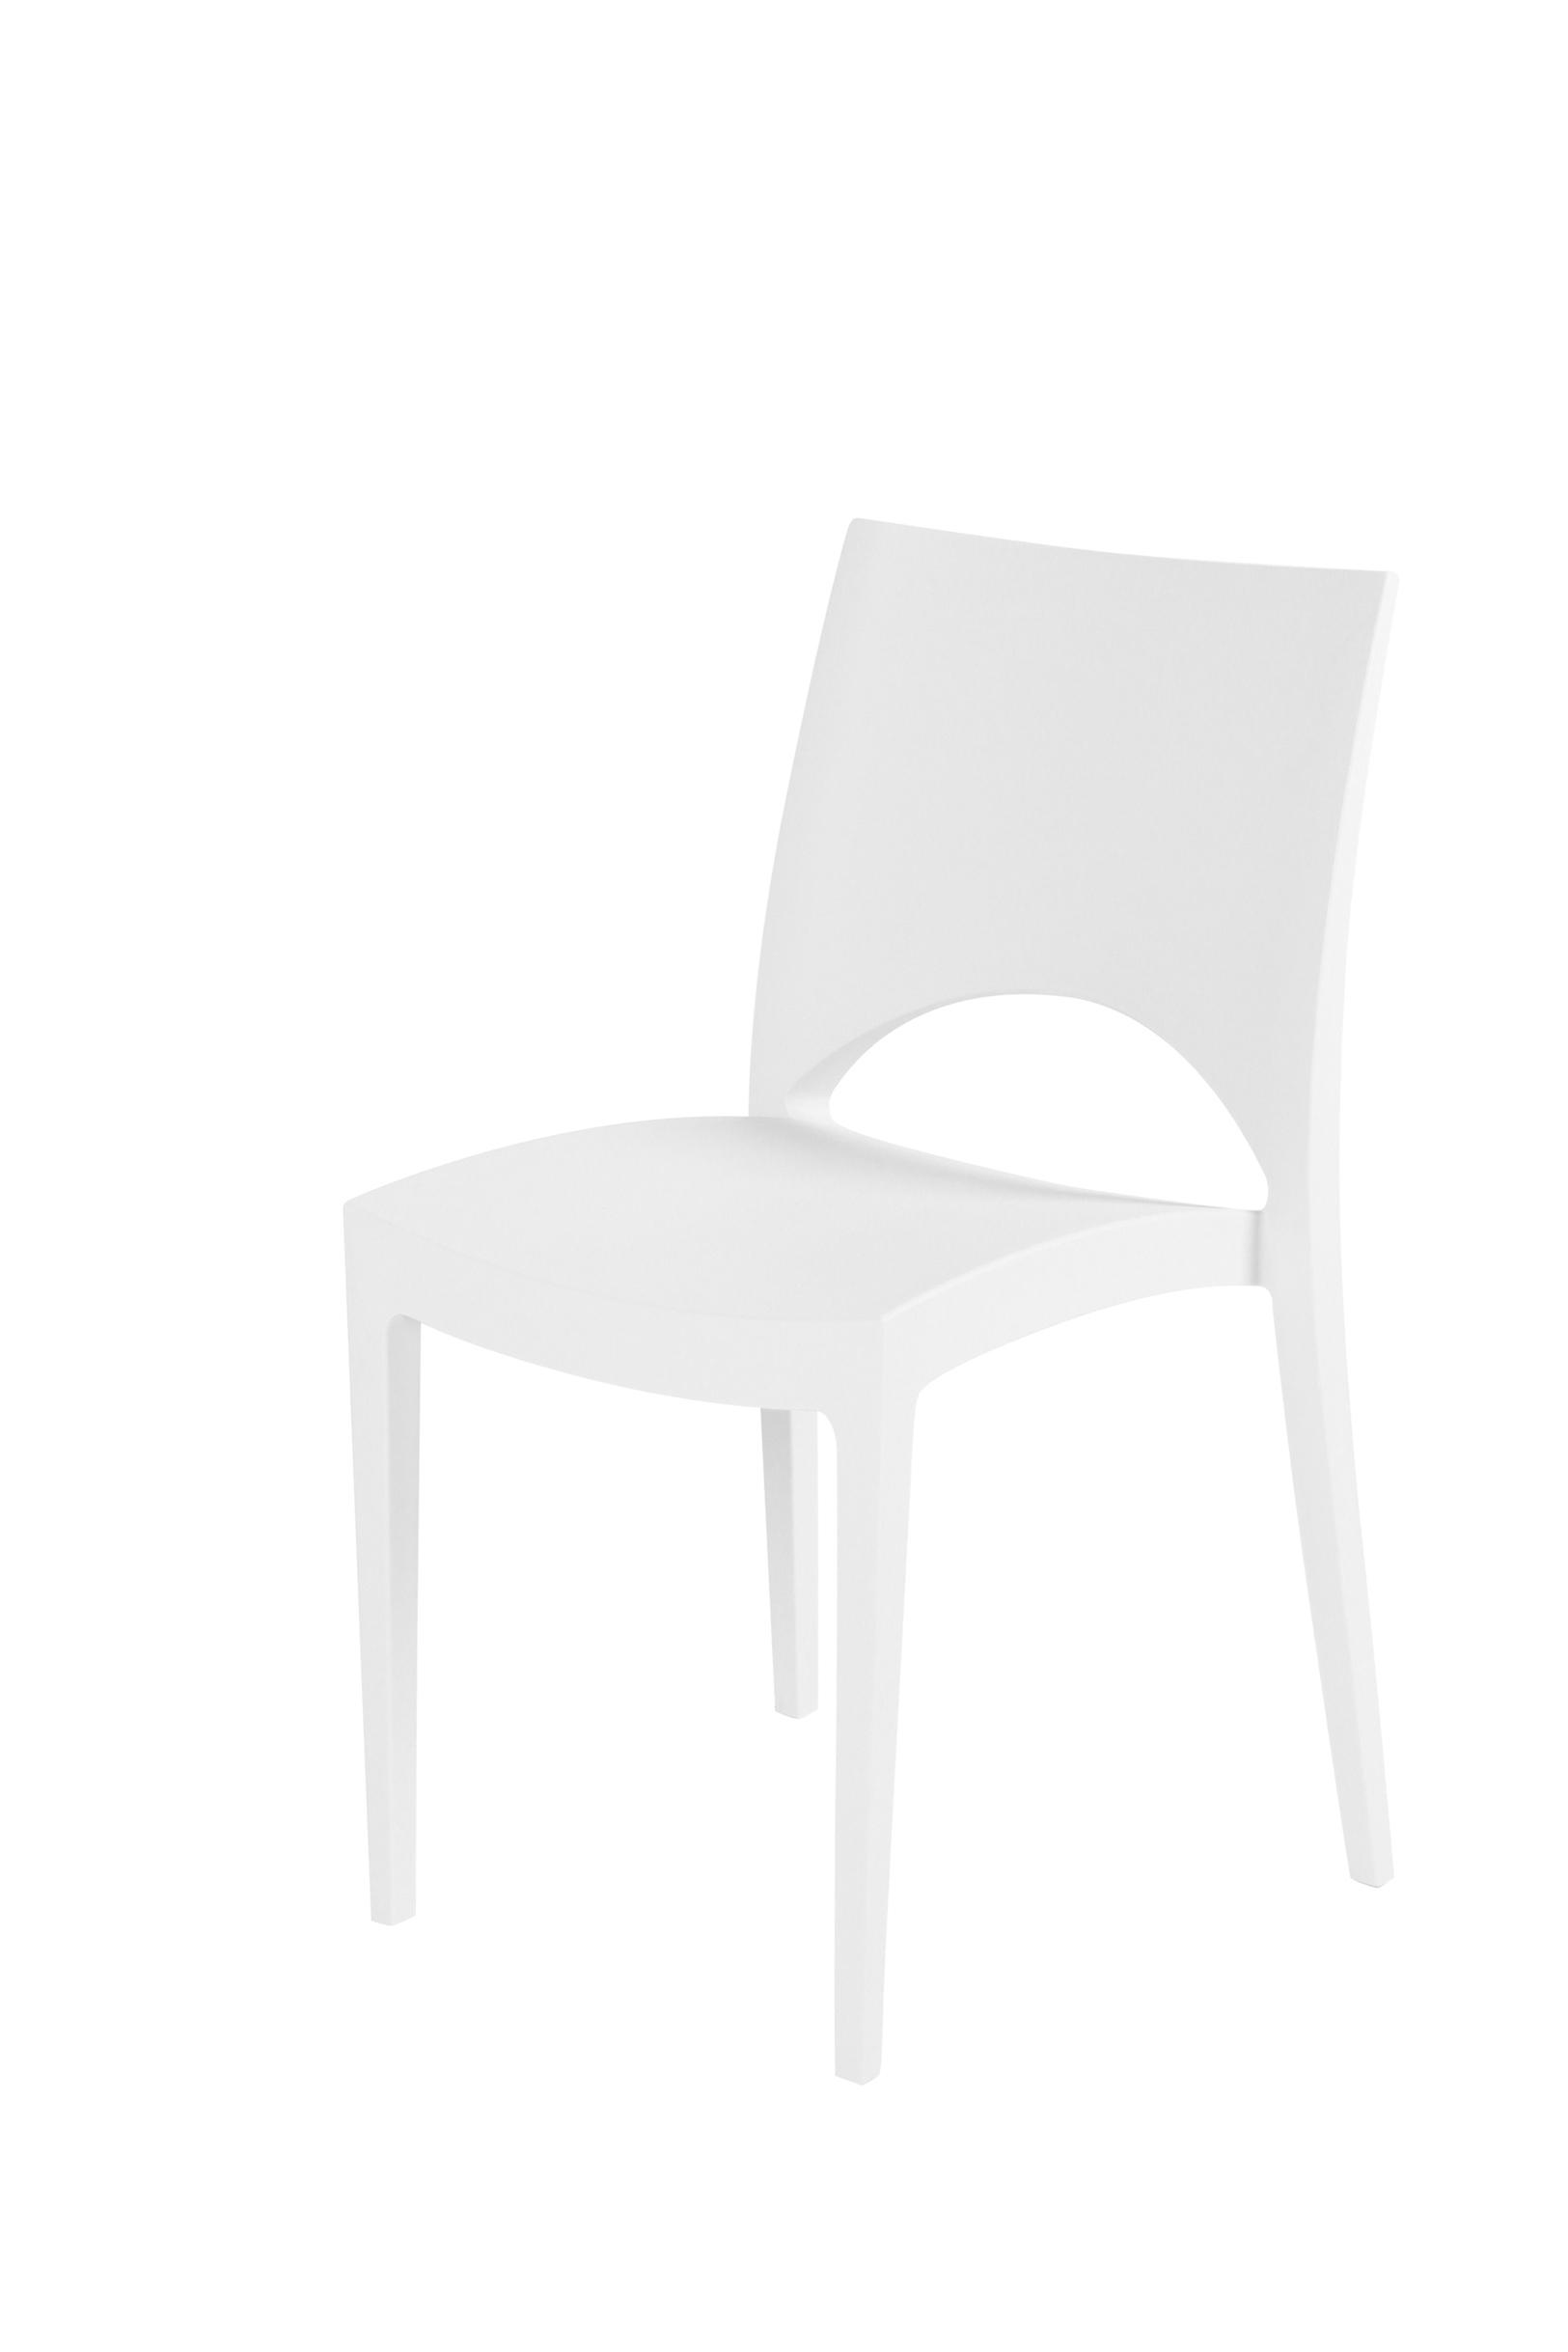 Design stoel wit huren